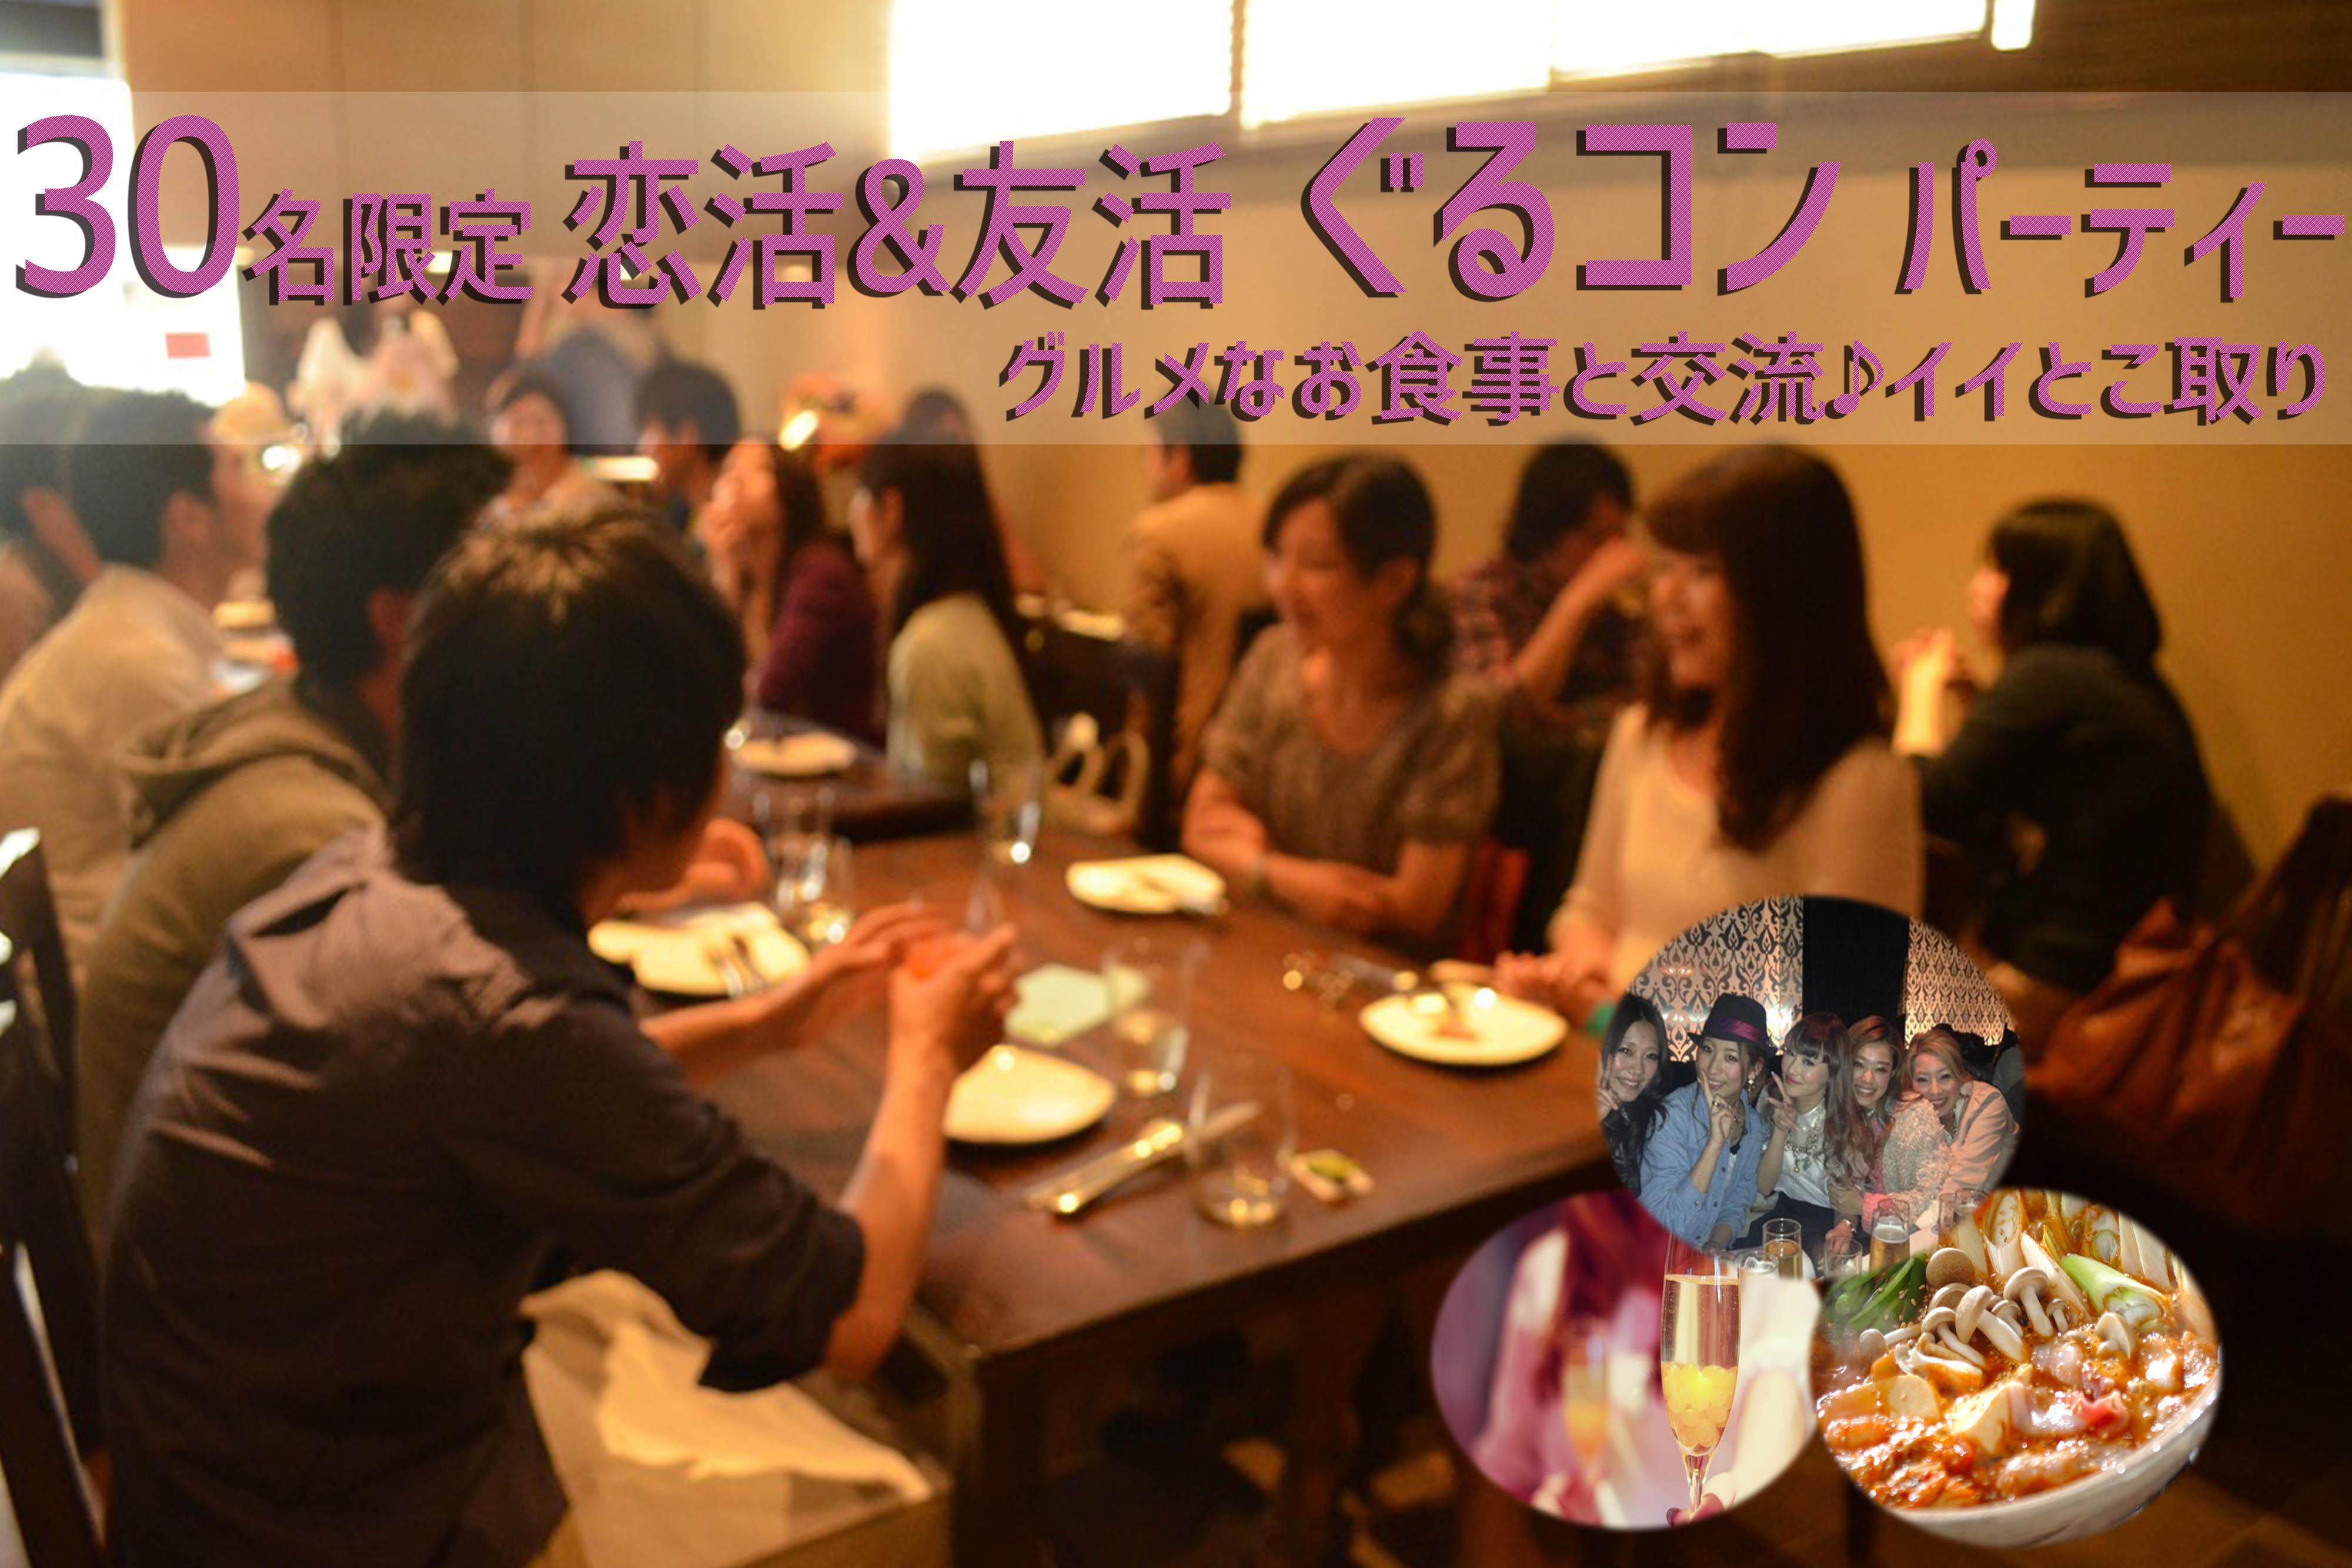 ◆1/19(木)【30名限定】誰でも参加しやすい恋活&友活 「ぐるコンパーティー」♪おいしい食事を食べながら楽しく交流♪7割の方がお一人で初参加です!大阪梅田開催の飲み会オフ会イベント♪◆